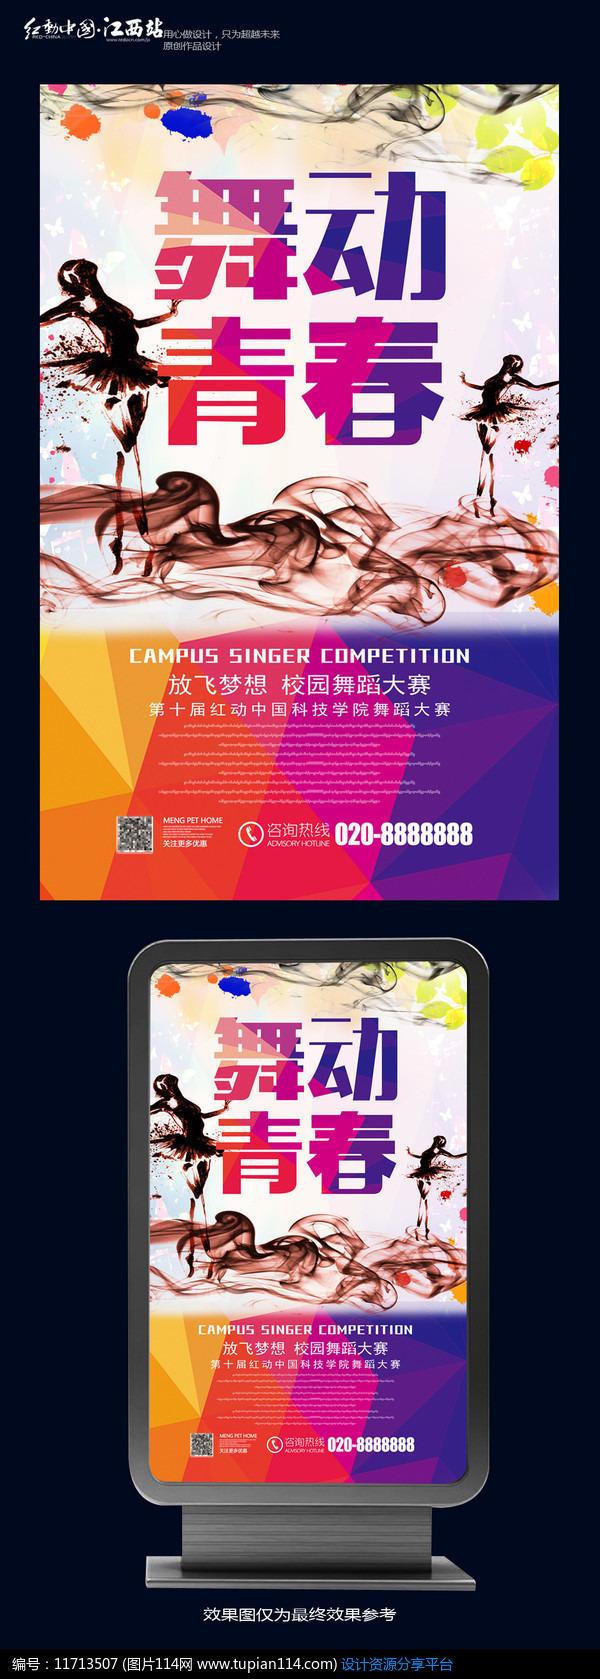 [原创] 创意校园舞蹈大赛海报设计